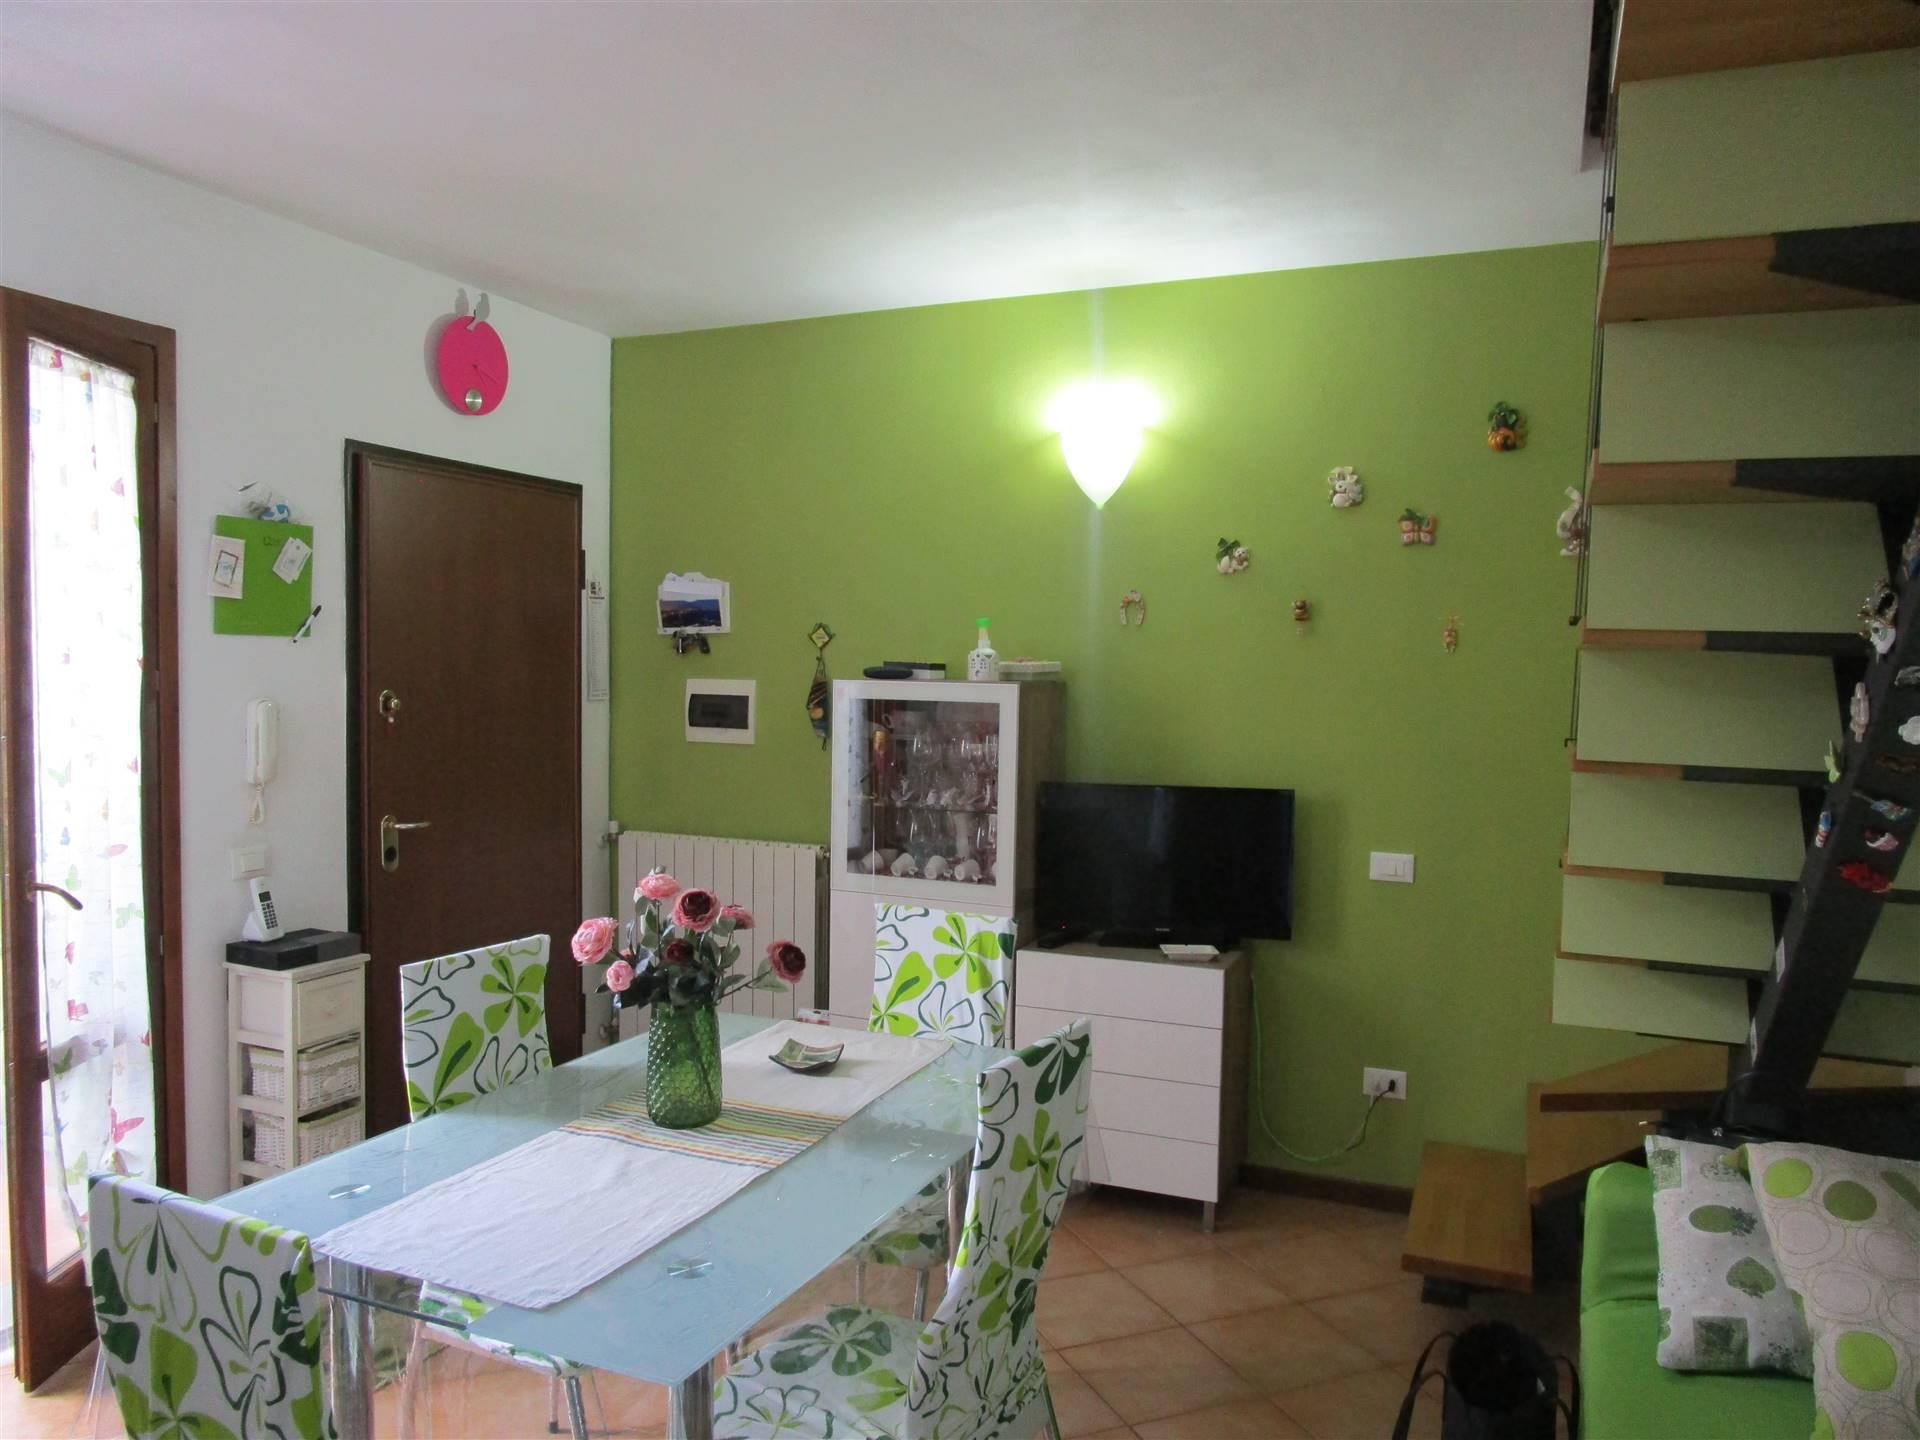 Appartamento in Vendita a Campi bisenzio zona San donnino - immagine 3